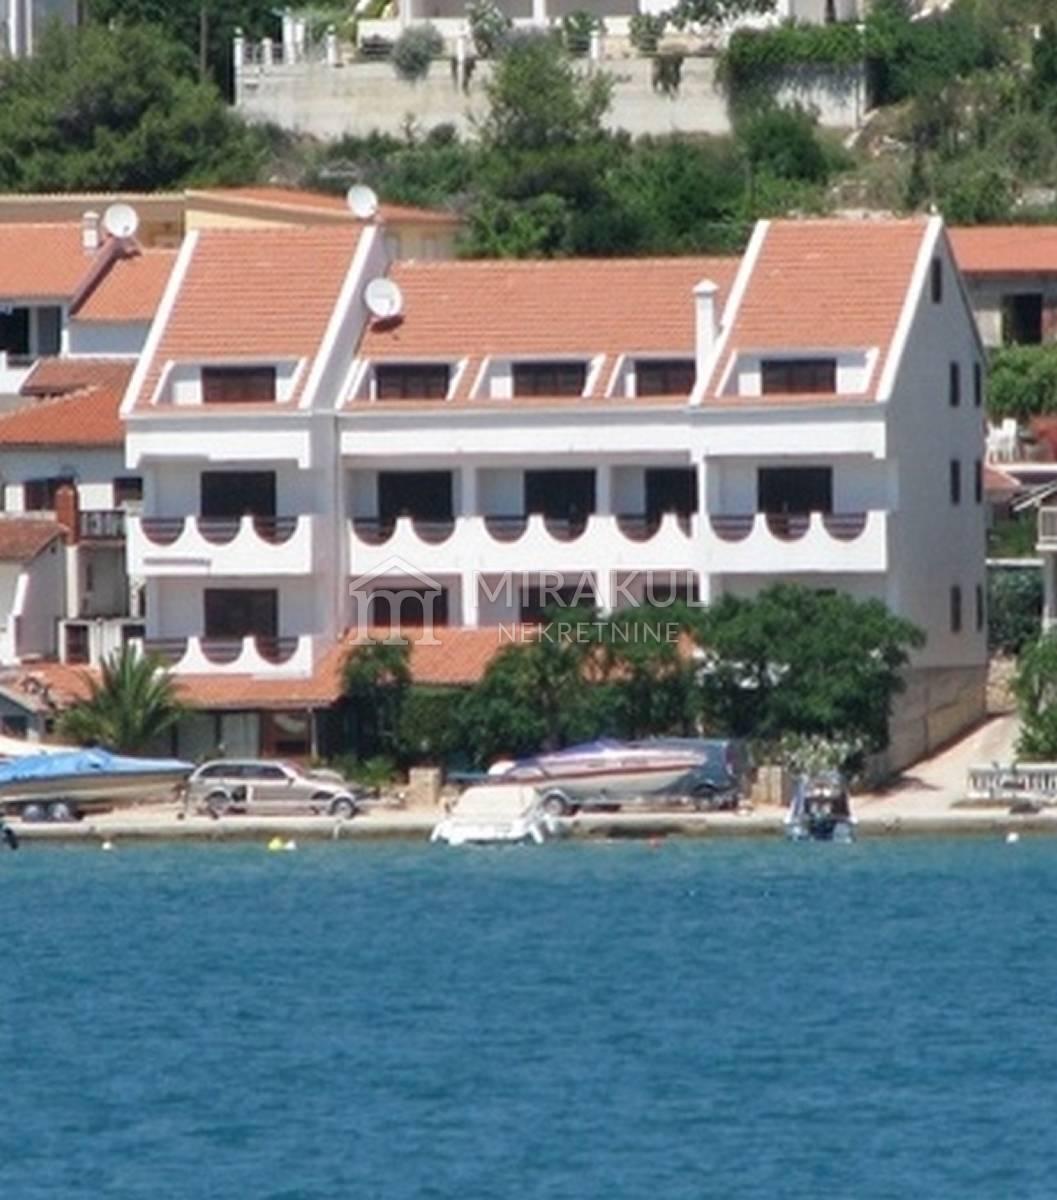 Nekretnine otok Murter, hotel, Mirakul nekretnine, ID - PPT – 002, Hotel